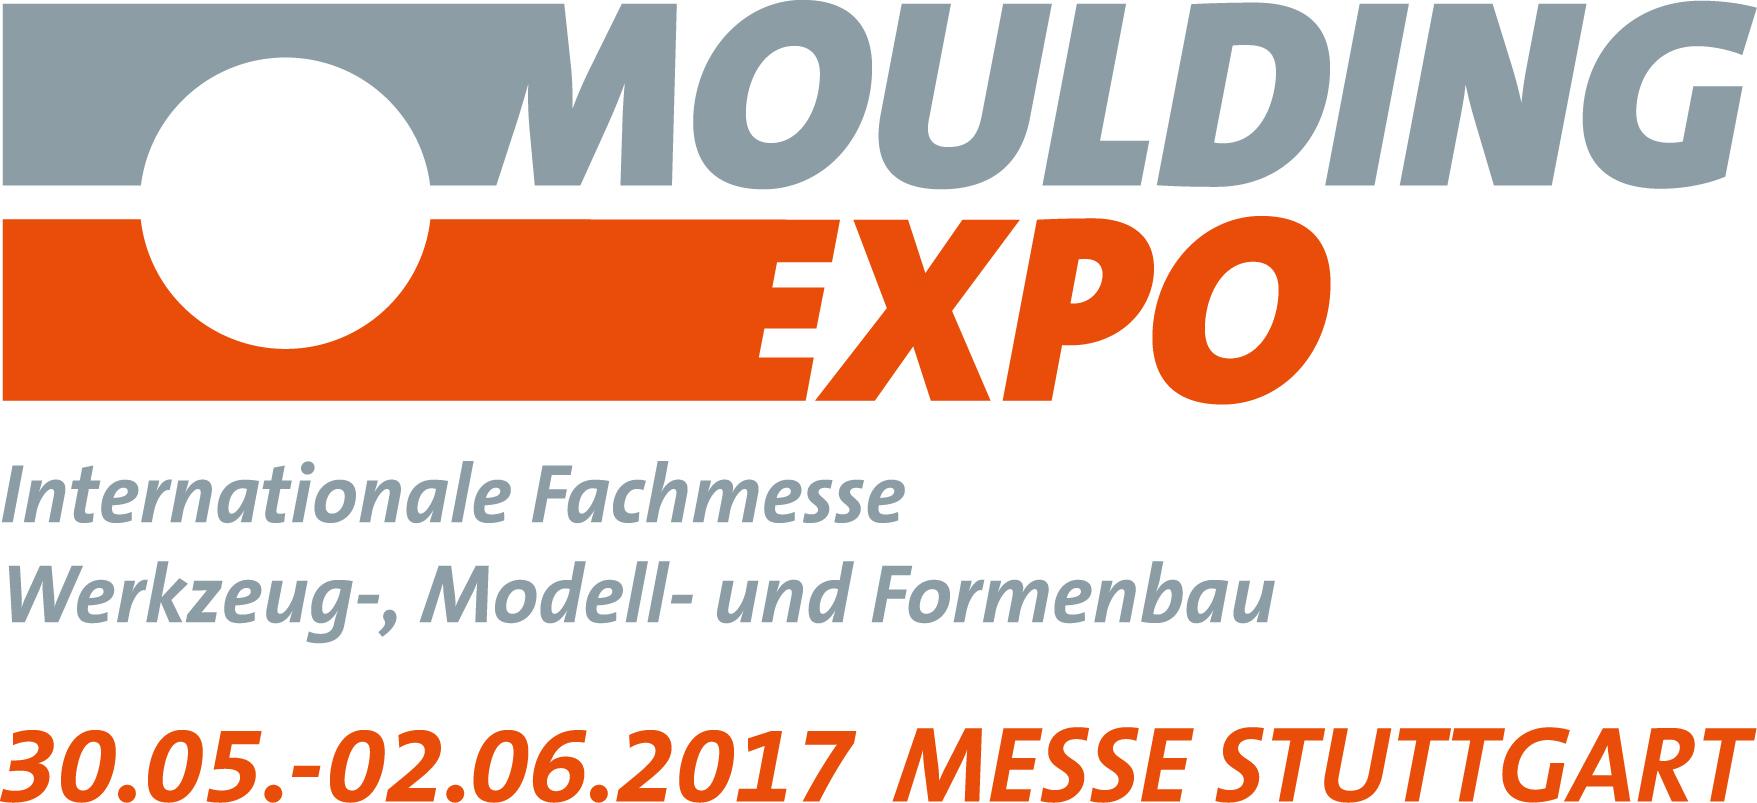 Moulding Expo Stuttgart (30.05. – 02.06.2017)